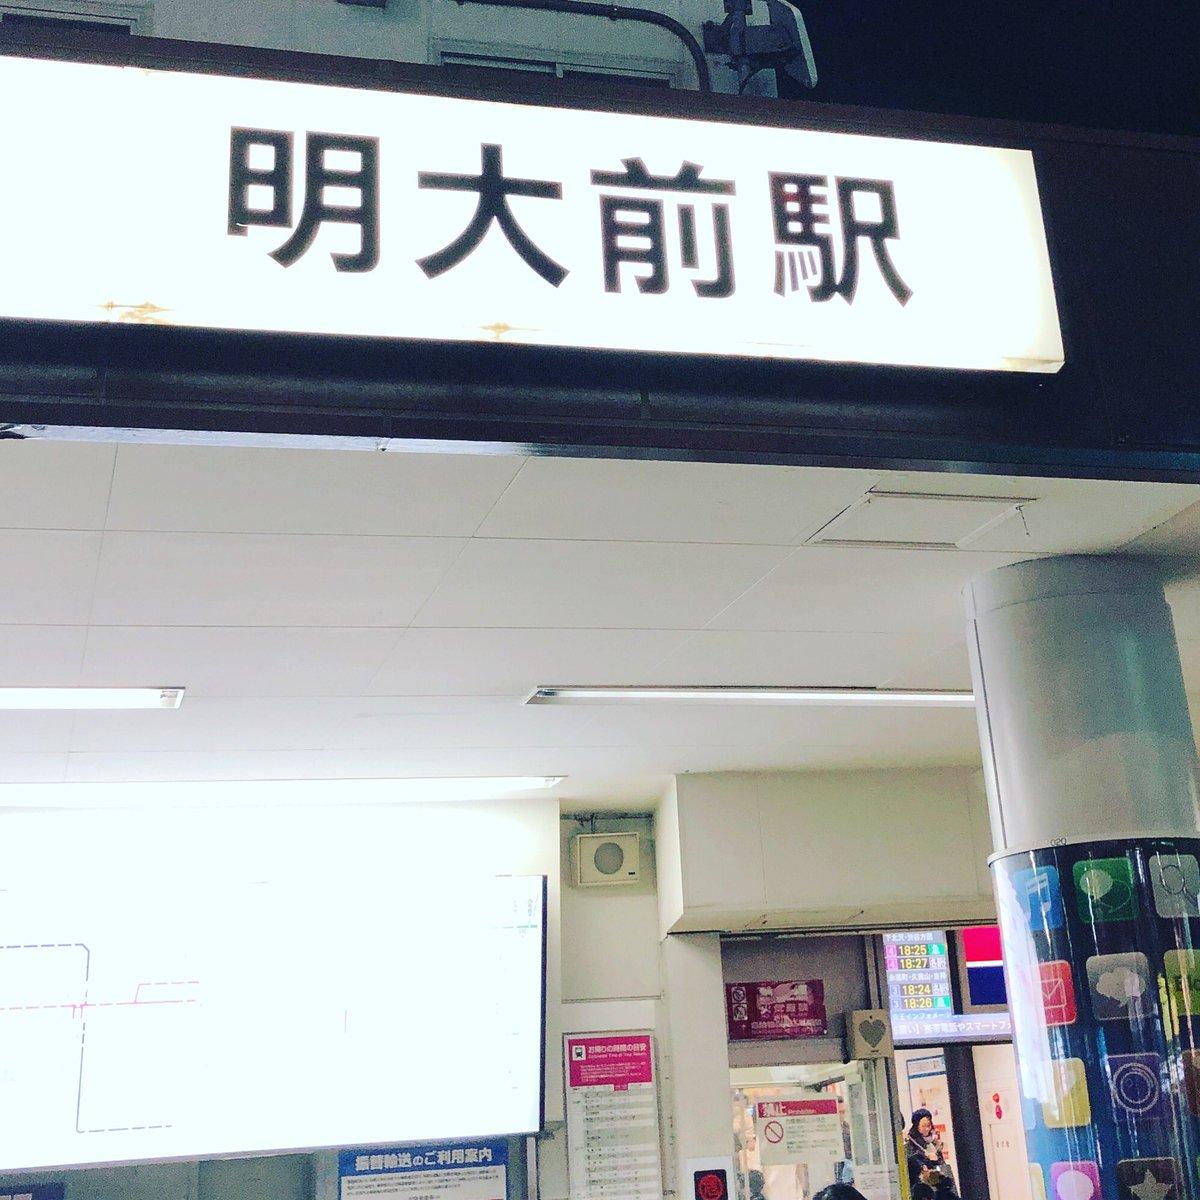 test ツイッターメディア - 高校の3年間と予備校(池袋)の5年間京王線使ってましたが、明大前駅で改札を出たのは初!! https://t.co/xEukf8Og1r